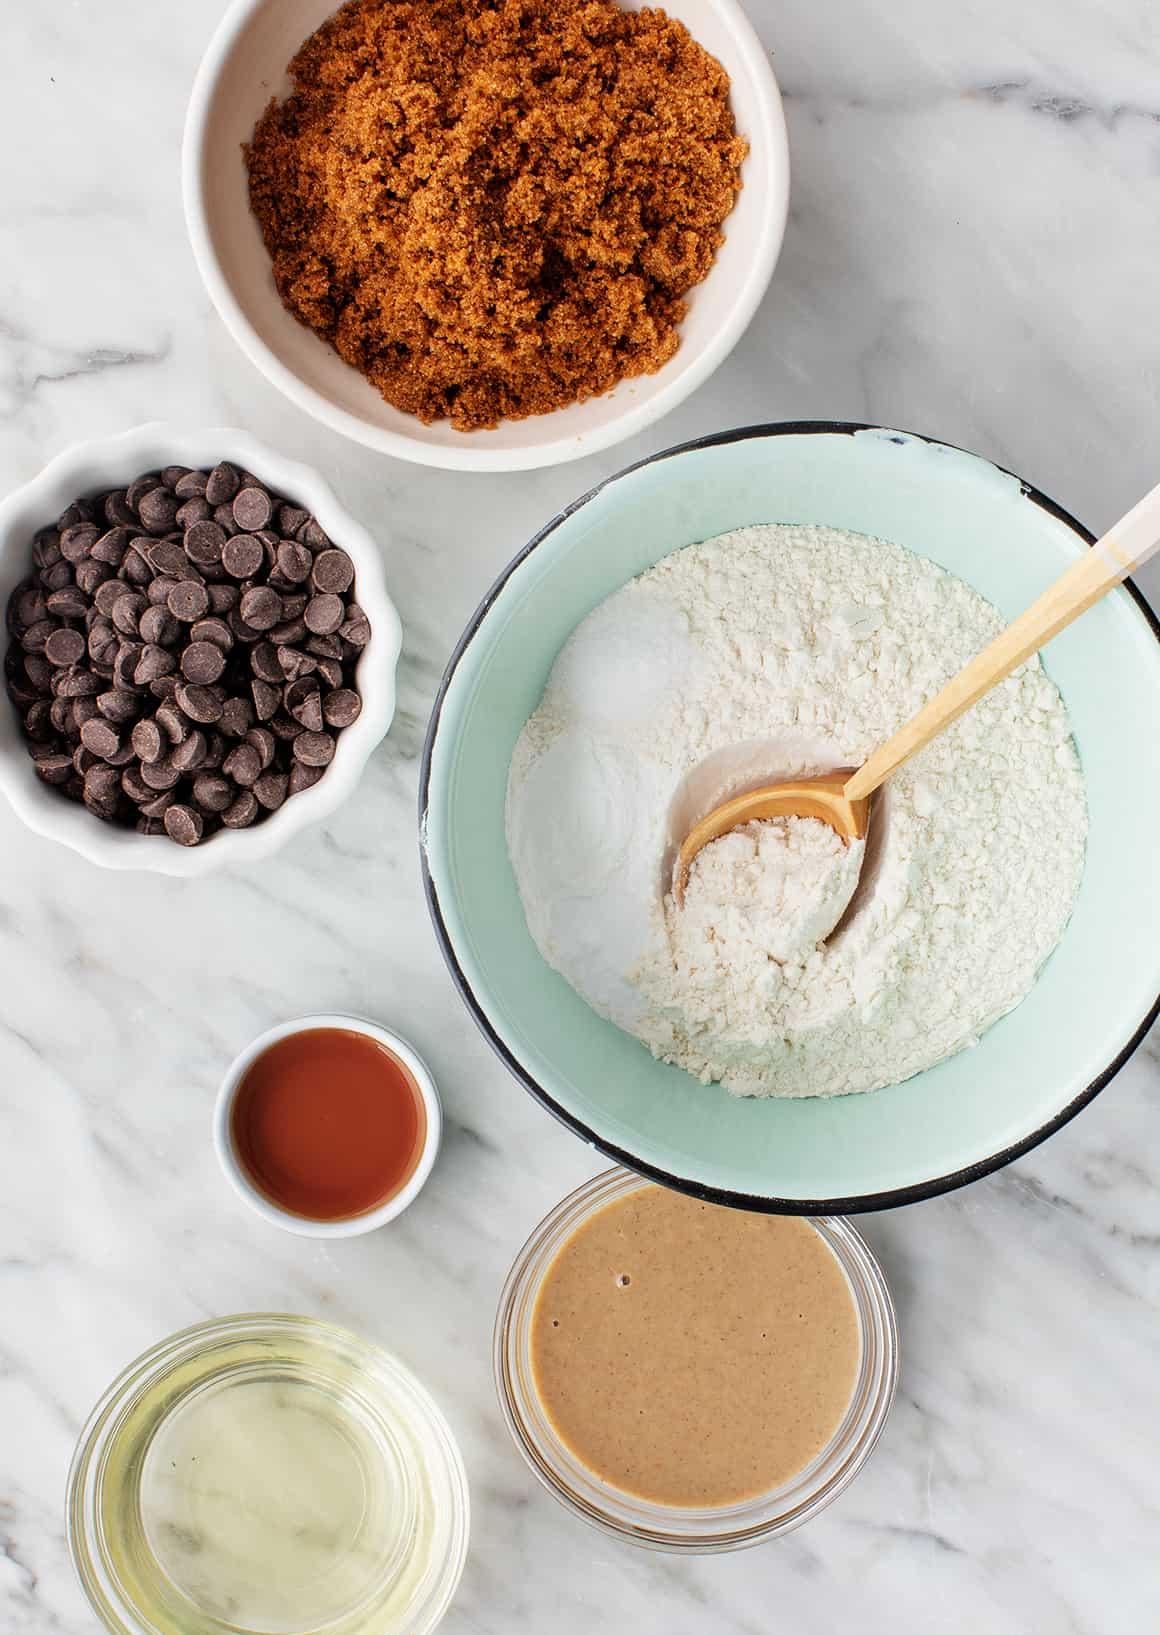 Ingredientes de la receta vegana de galletas con chispas de chocolate